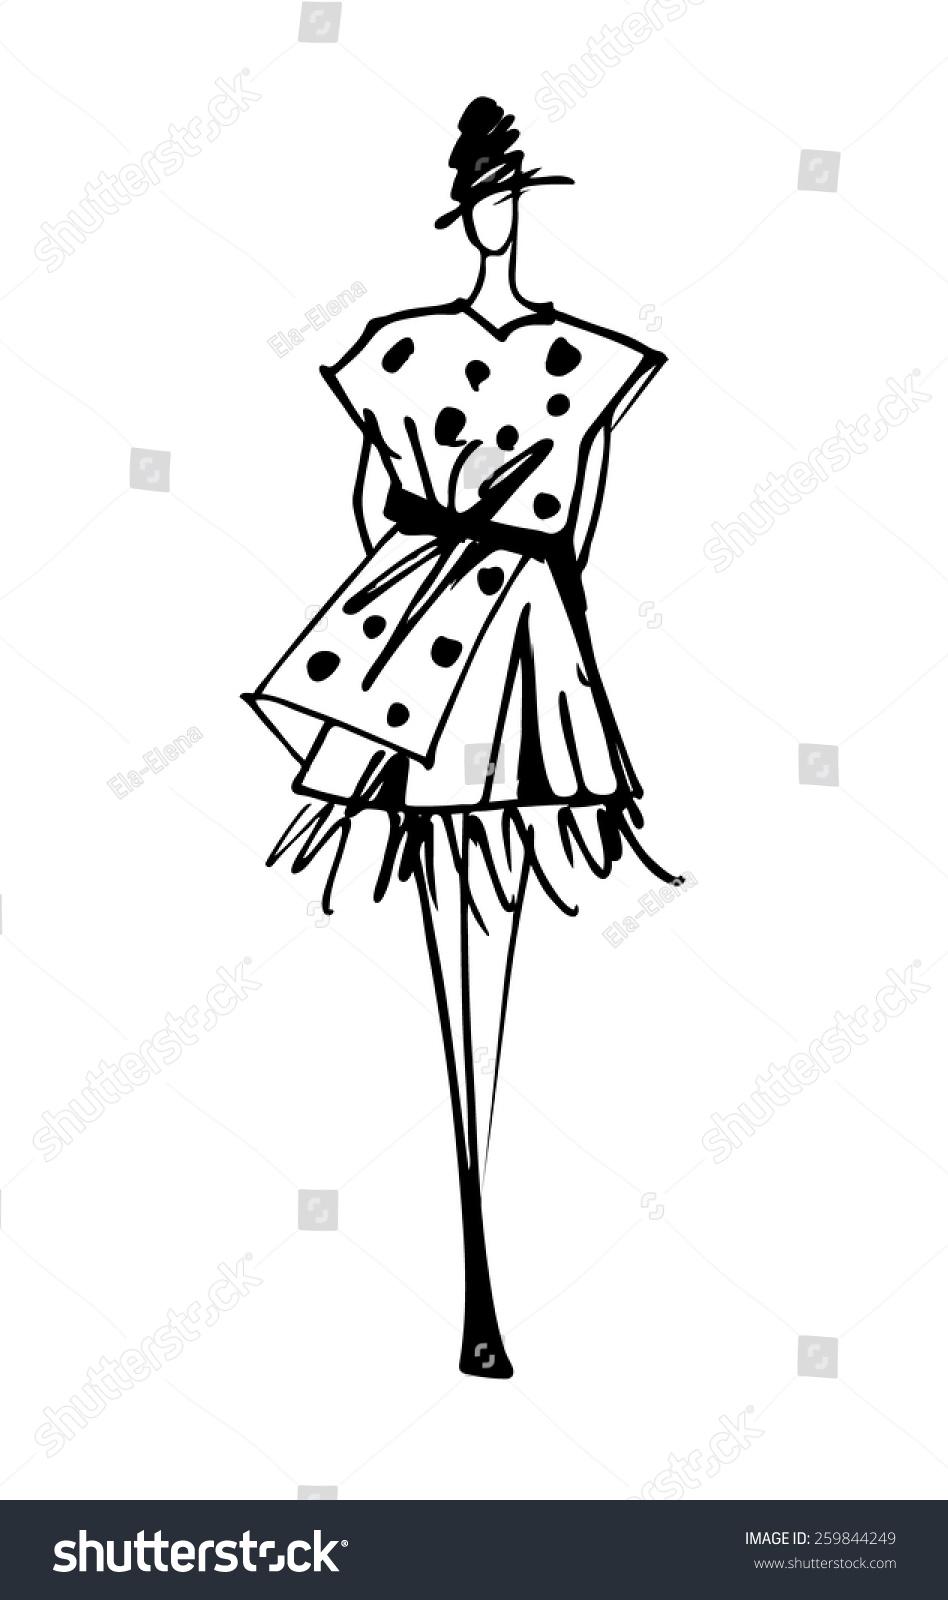 时装模特剪影手绘草图-人物,美容/时装服饰-海洛创意